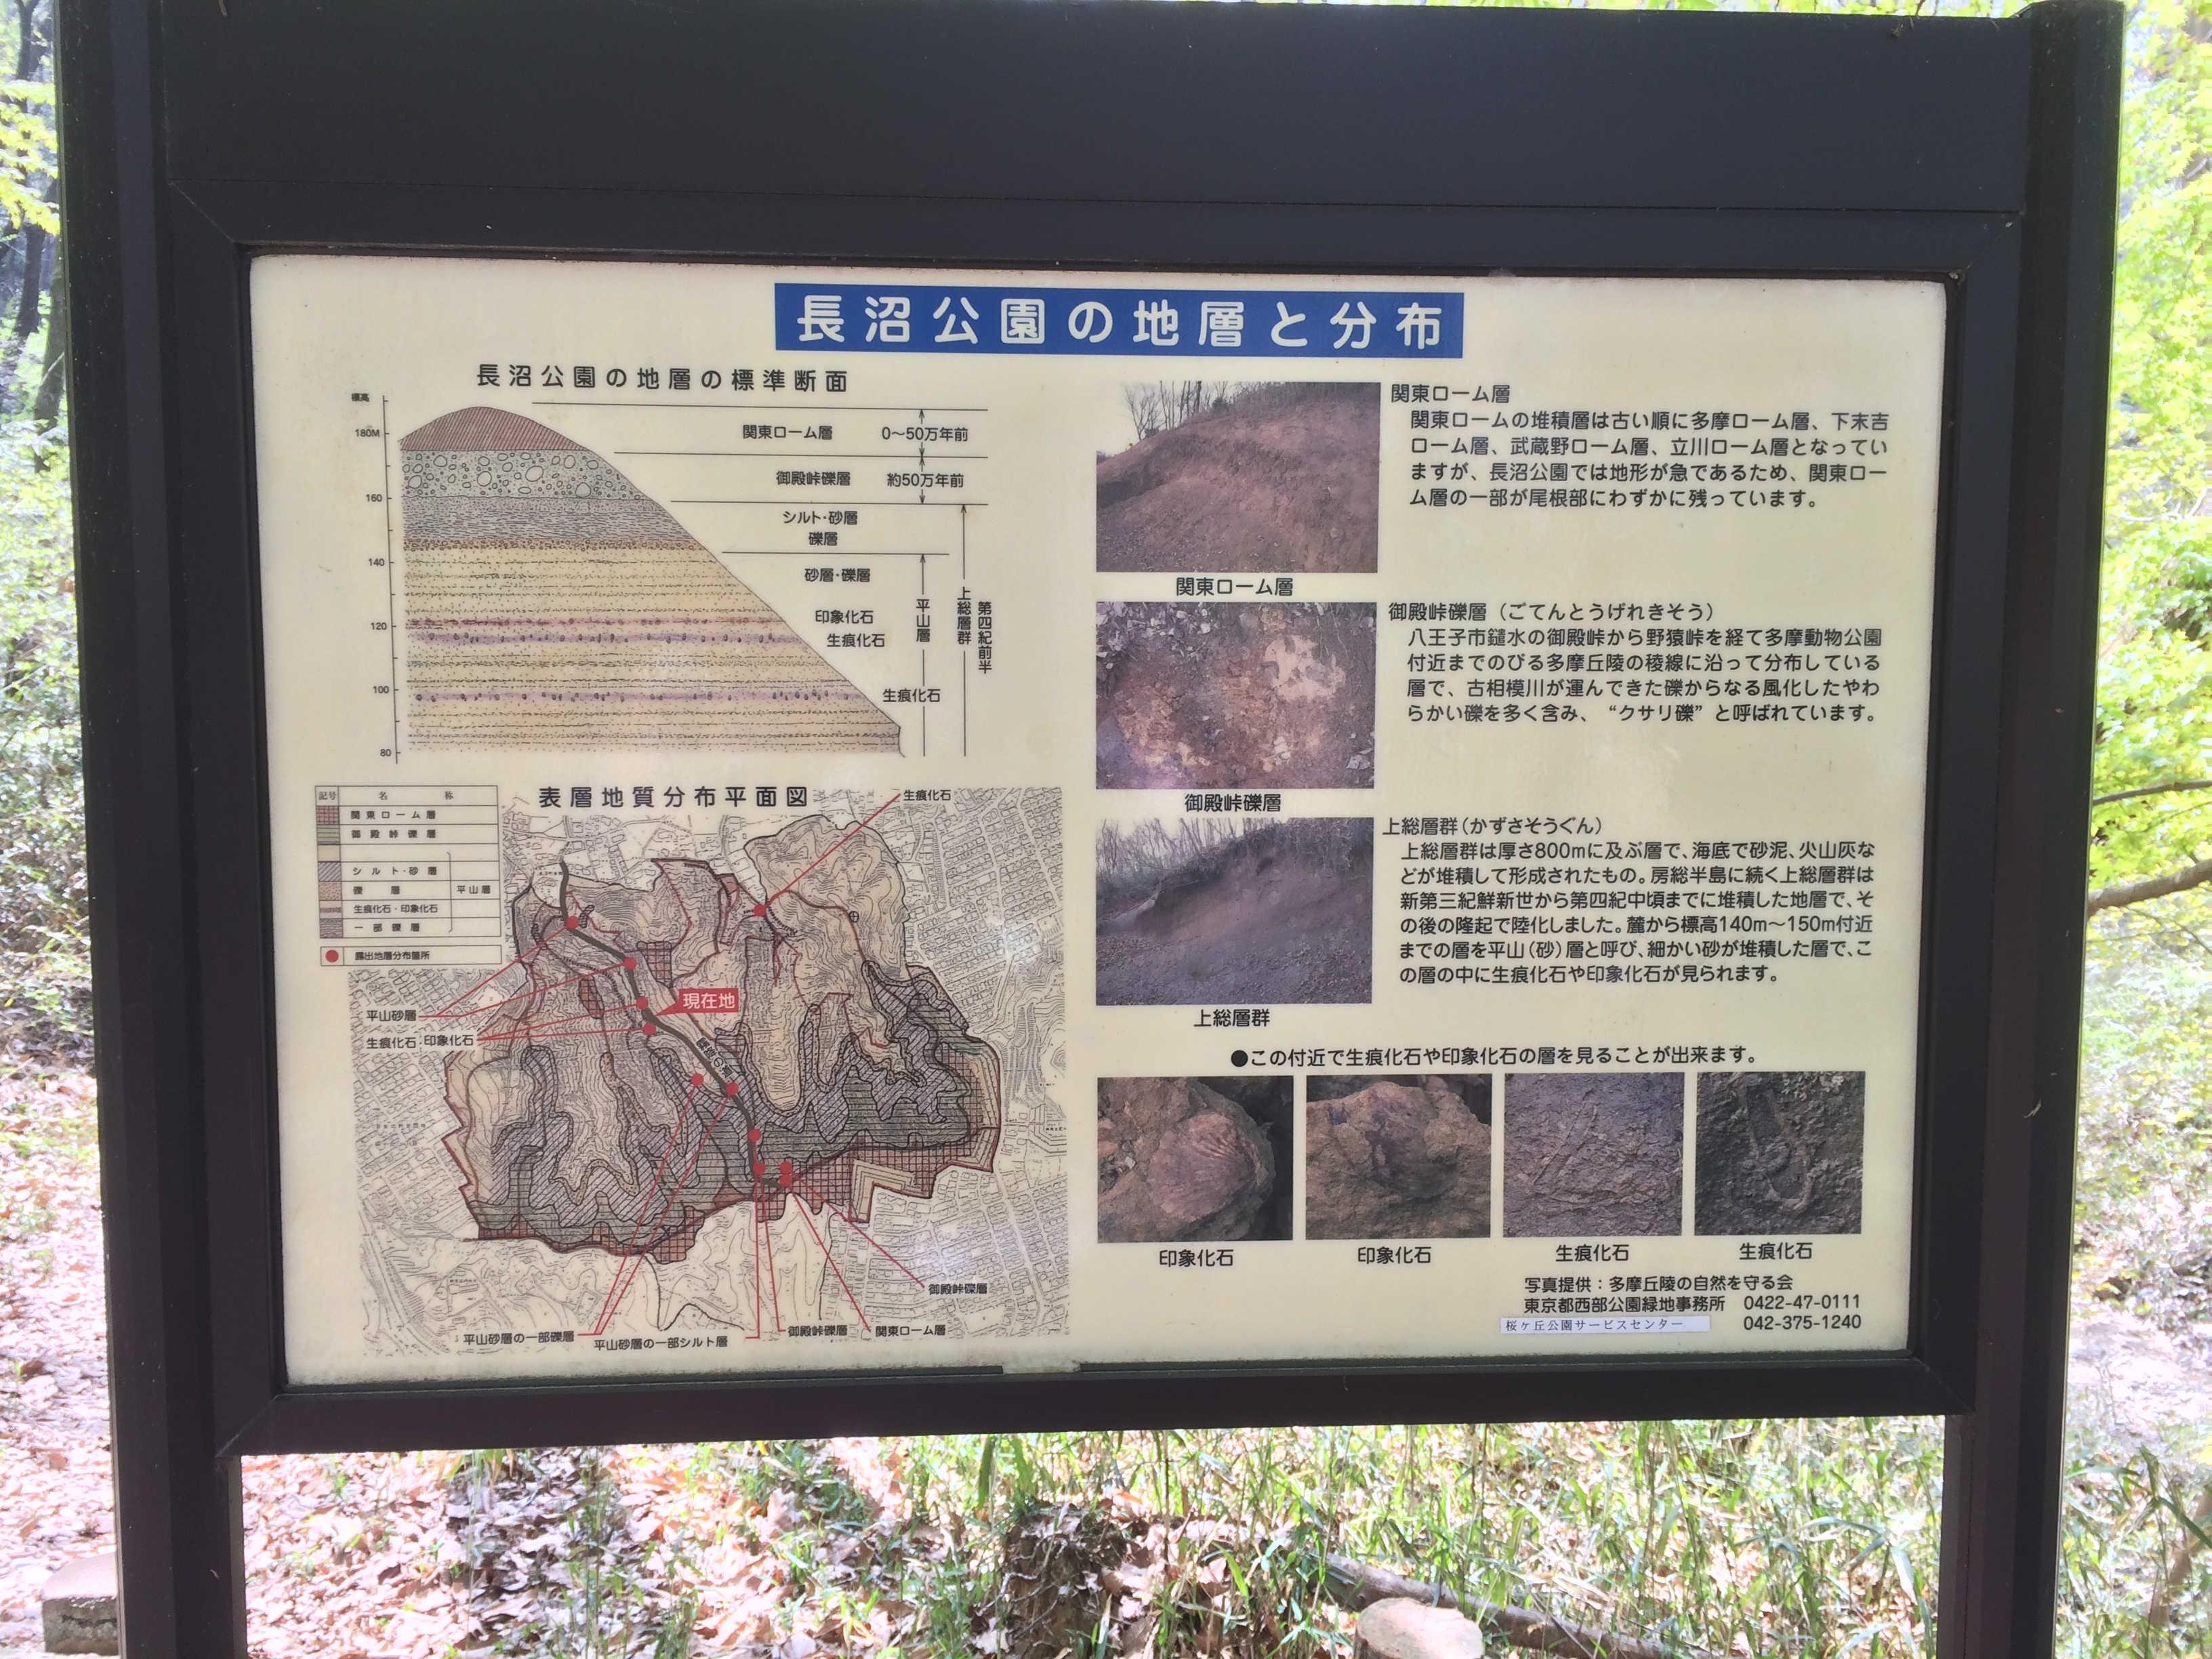 長沼公園の地層と分布